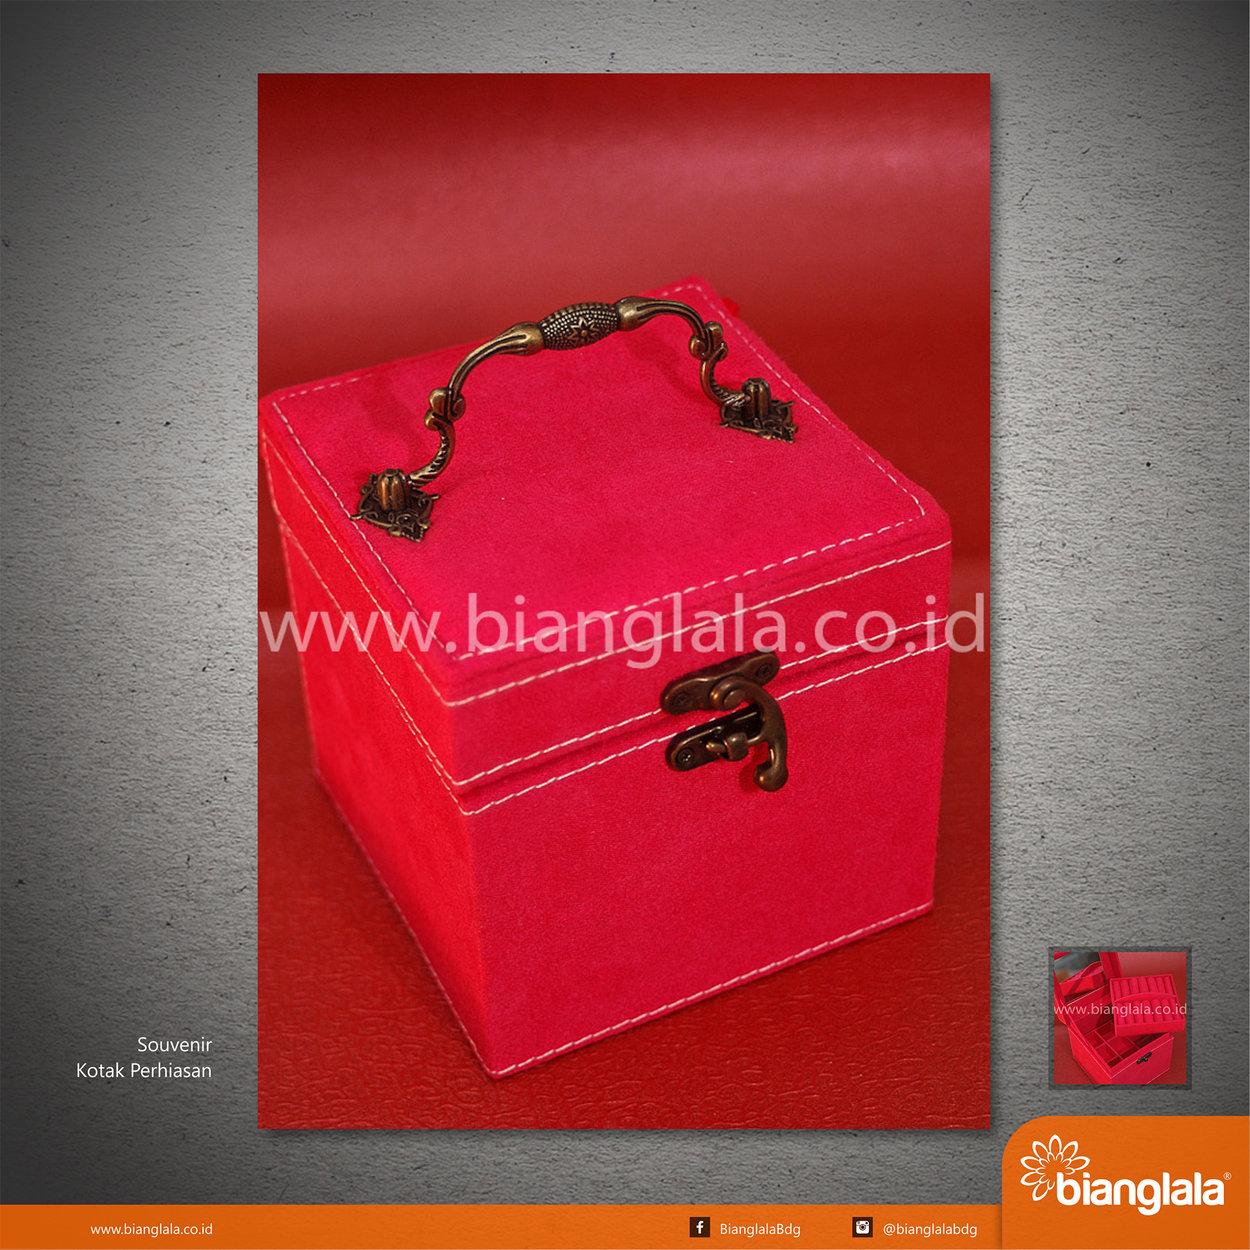 [09] Souvenir Kotak Perhiasan